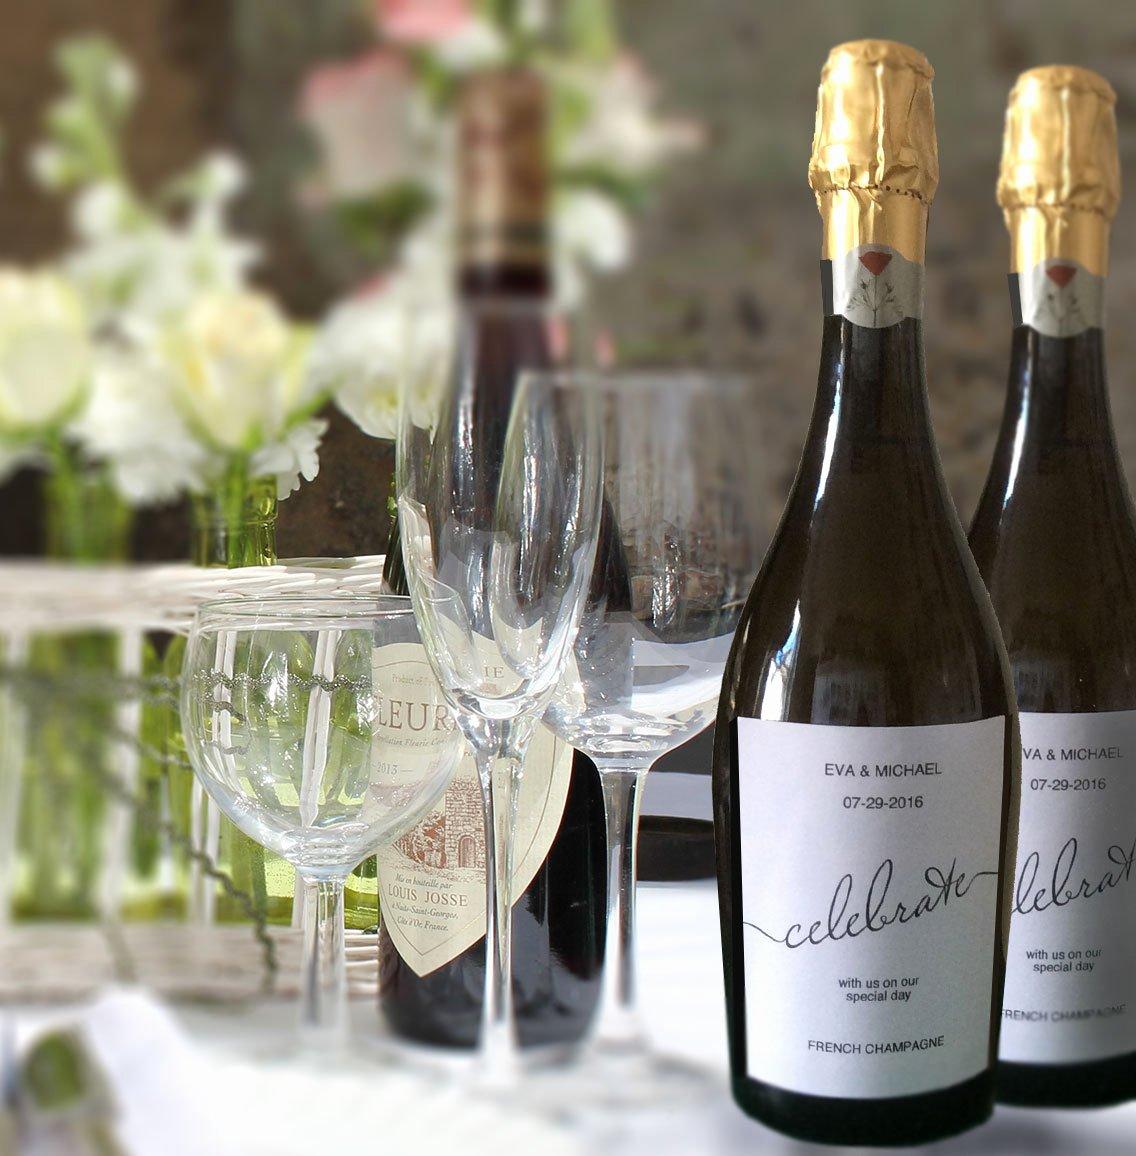 Champagne Bottle Label Template Elegant Printable Wine Label Celebration Bottle Template Wedding